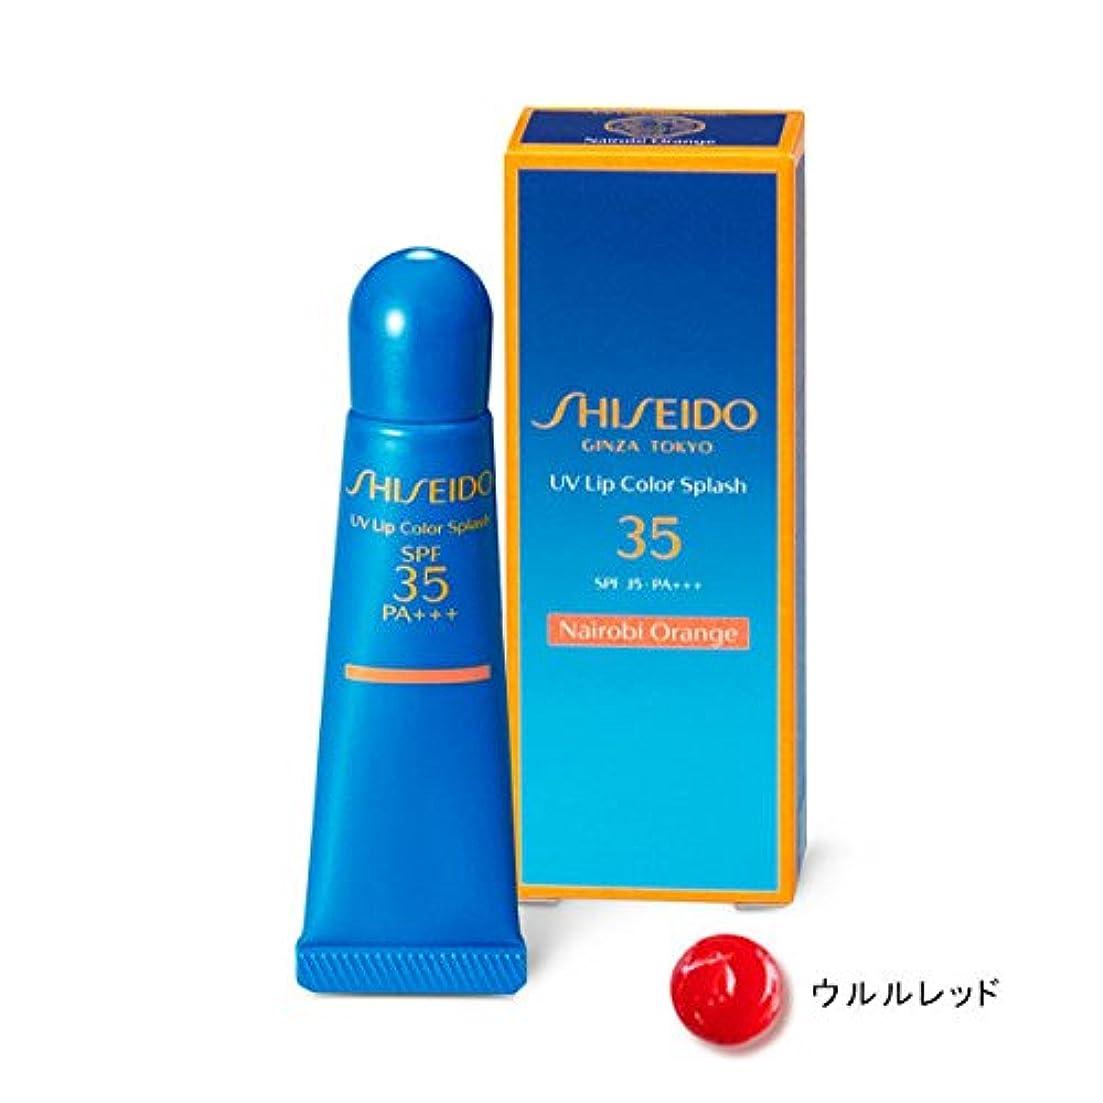 エンジニアうなる大SHISEIDO Suncare(資生堂 サンケア) SHISEIDO(資生堂) UVリップカラースプラッシュ (ウルルレッド)